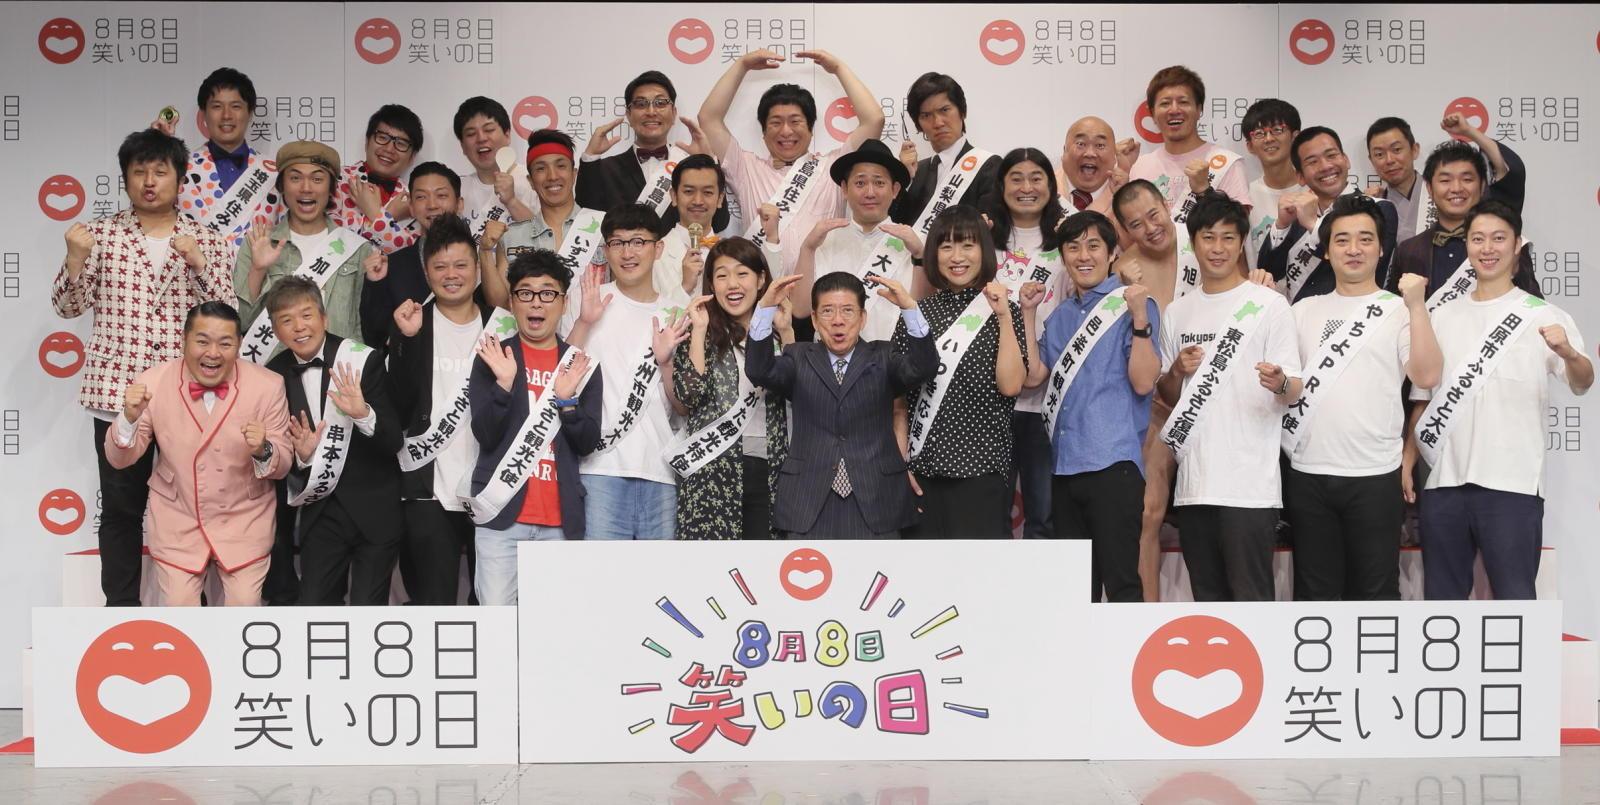 http://news.yoshimoto.co.jp/20170704221017-f8e41fd4b2065794d5e31822f7bd218f701936c9.jpg